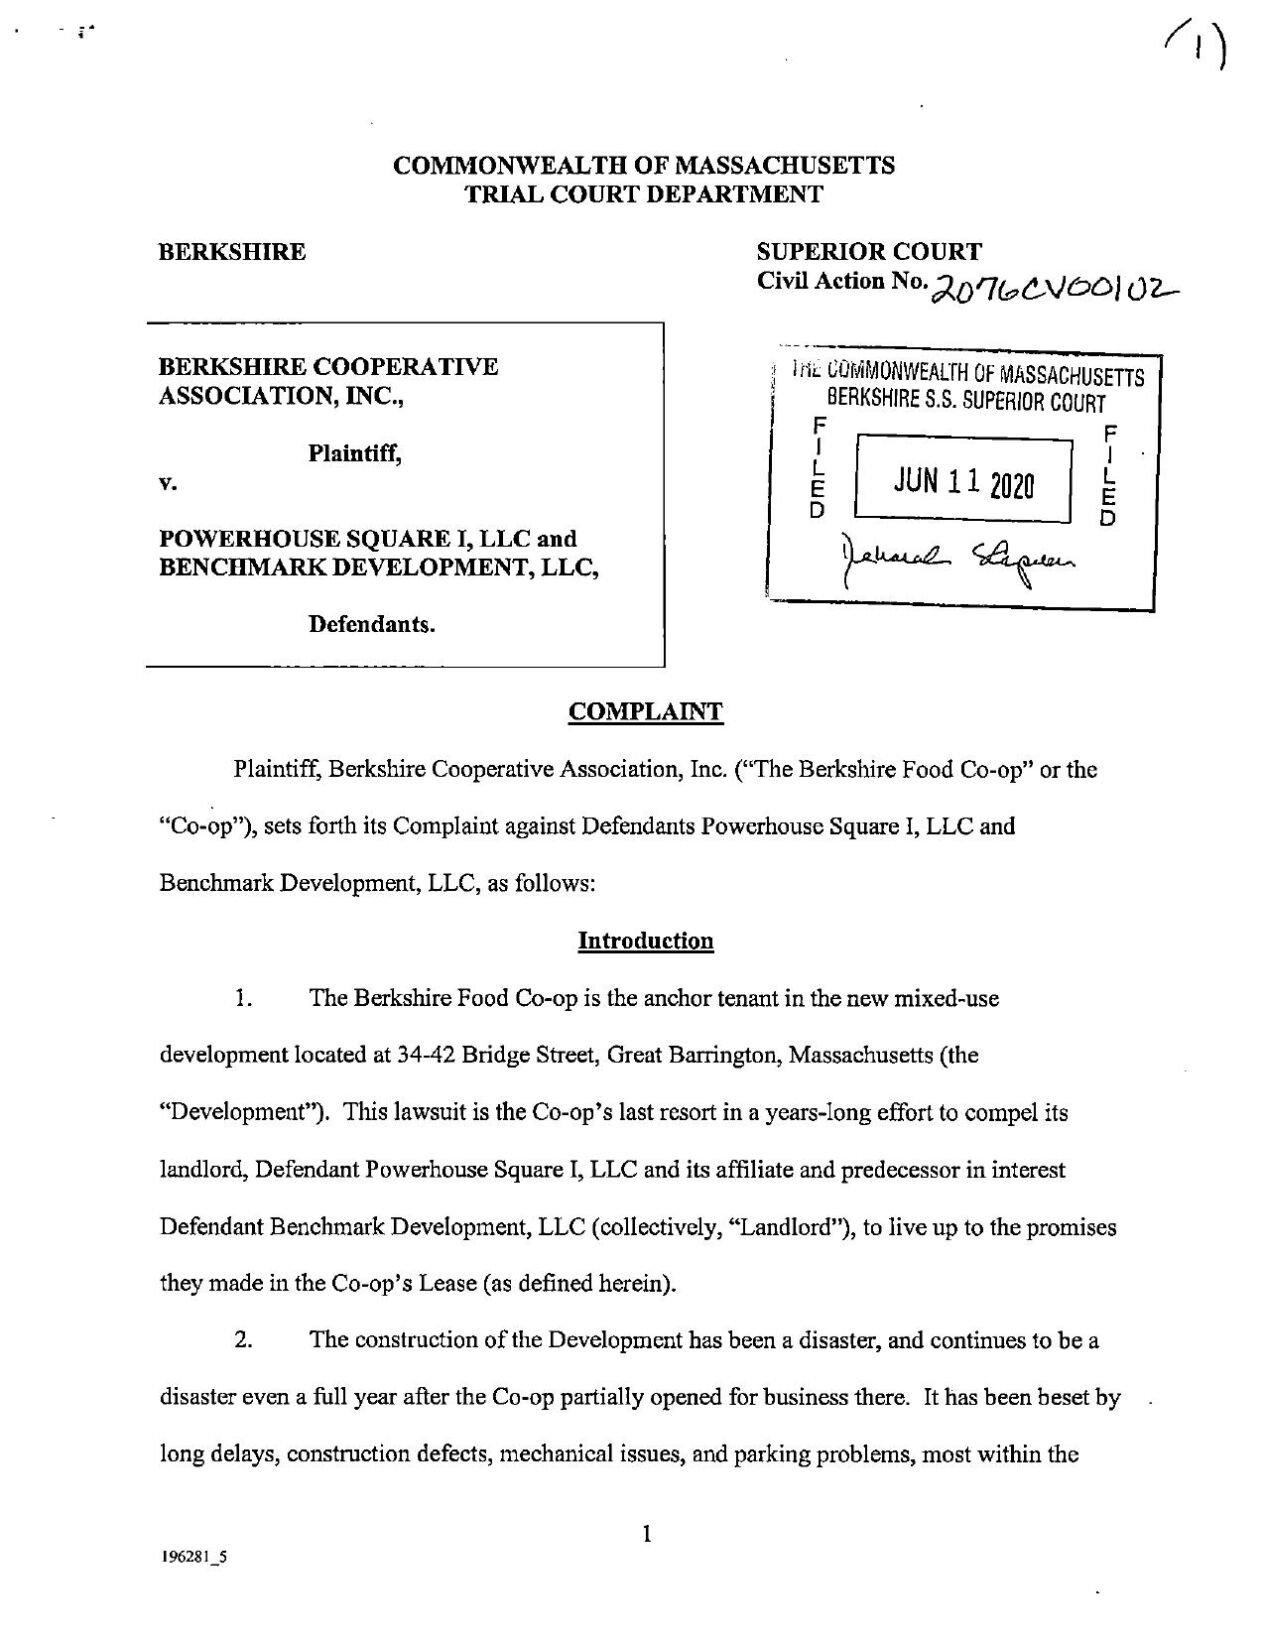 Berkshire Food Co-op lawsuit against Powerhouse